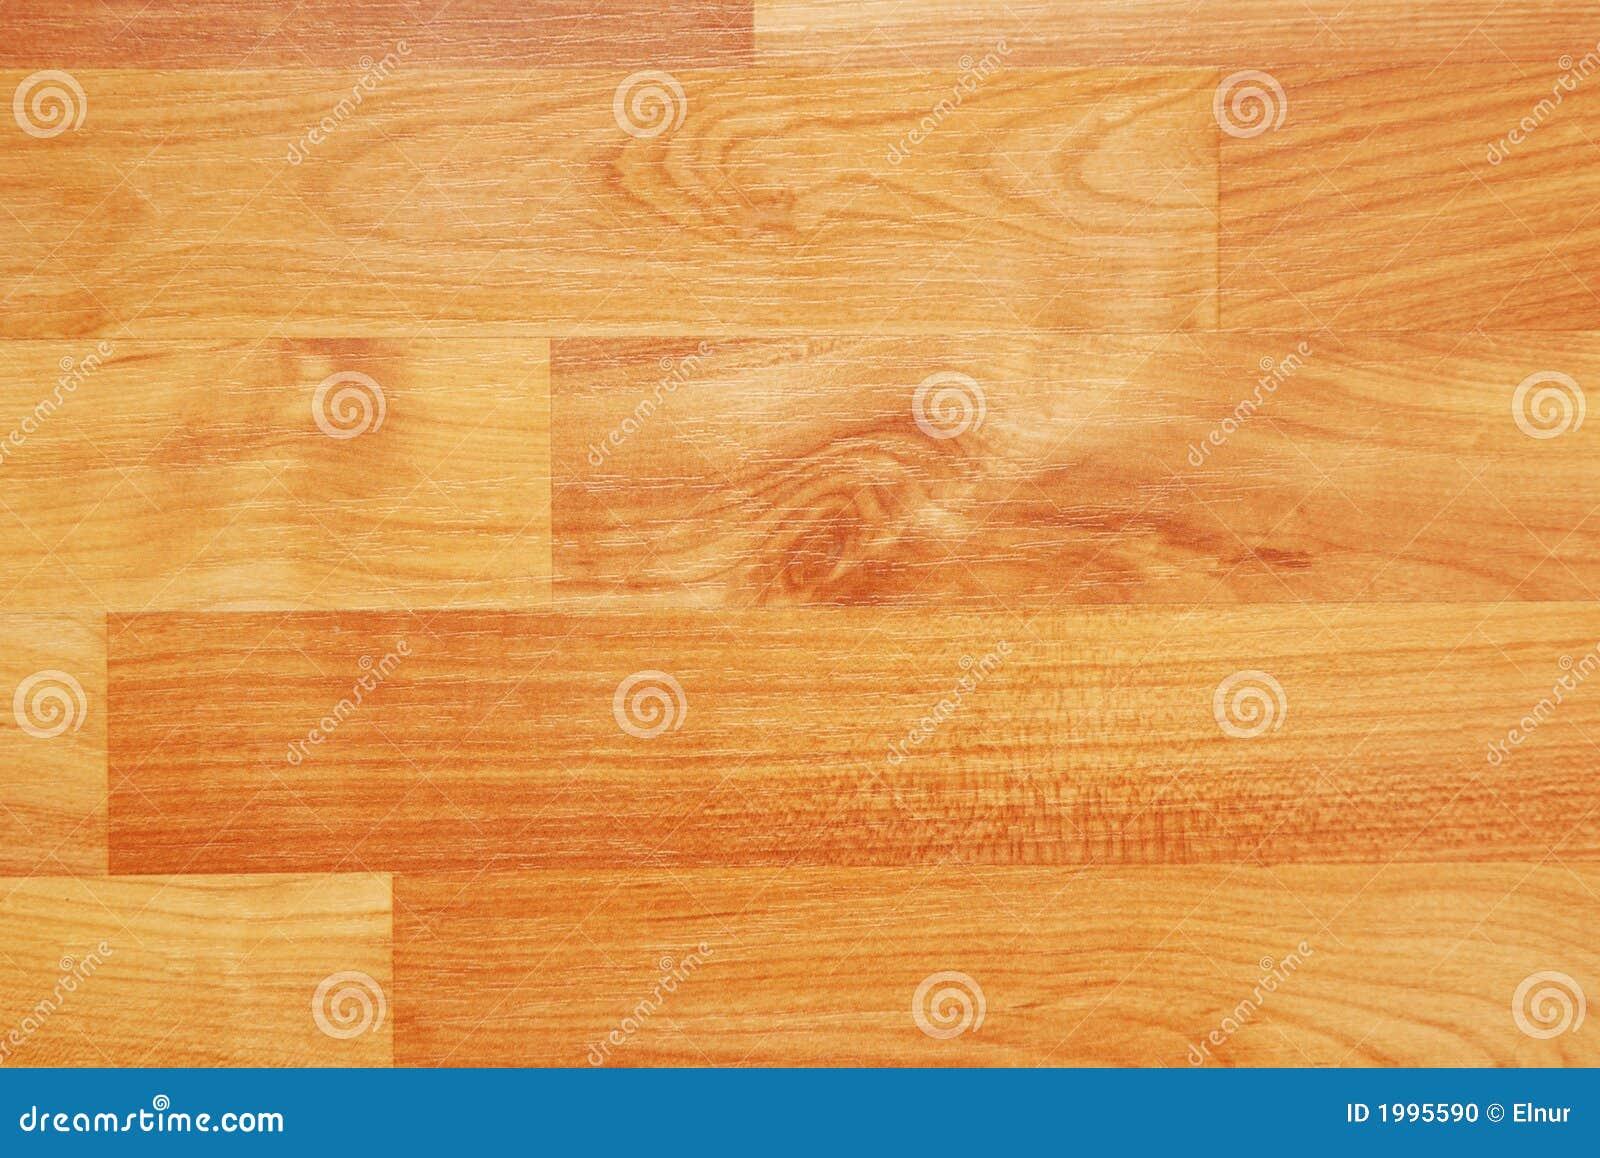 Textura del suelo de madera al ser foto de archivo - Pintura para suelos de madera ...